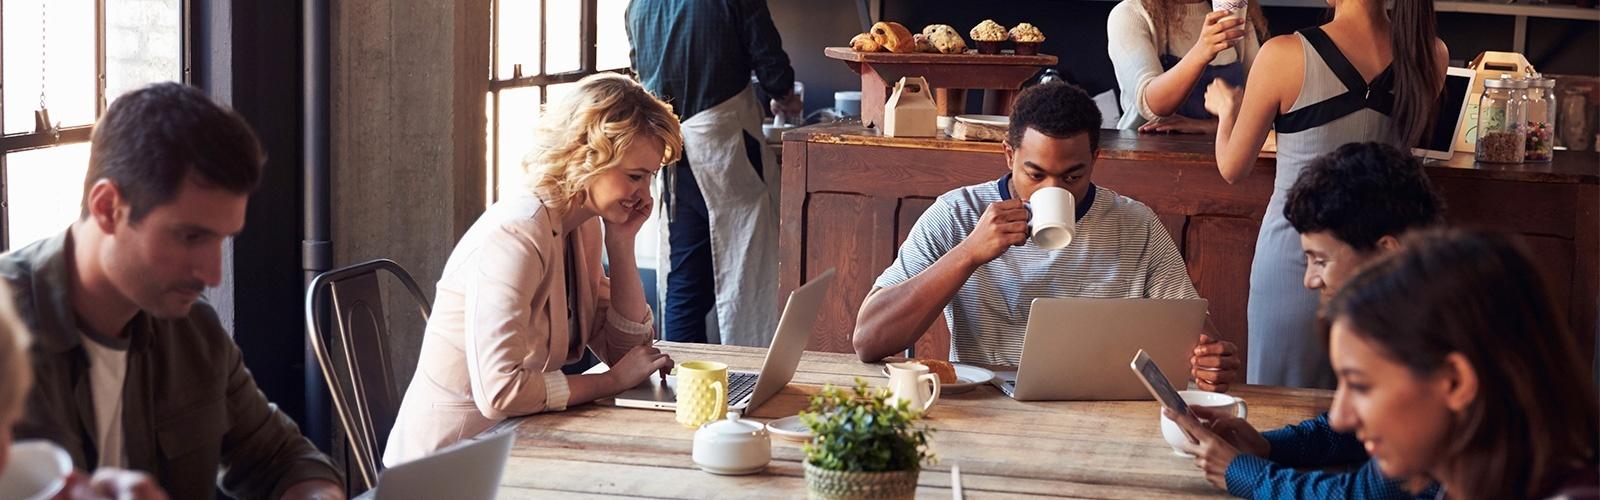 Homepage-Coffee04.jpg